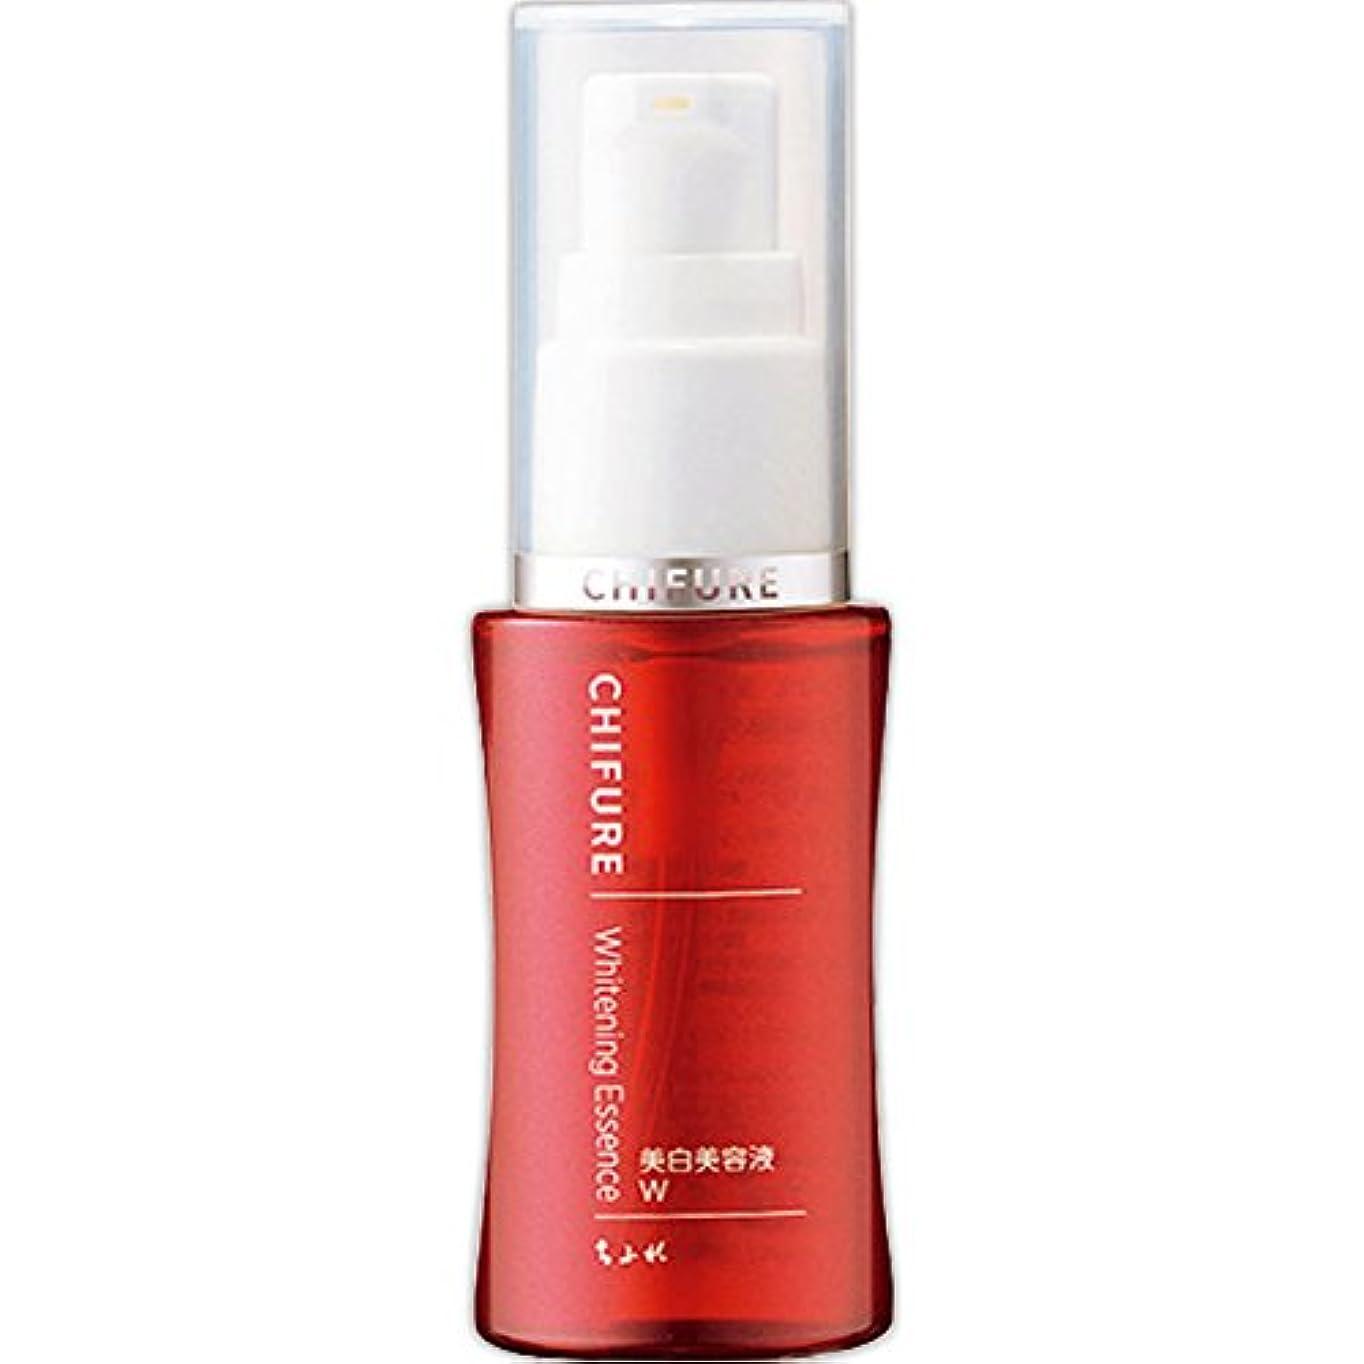 落ち着いてトラクター赤外線ちふれ化粧品 美白美容液 W 30ML (医薬部外品)